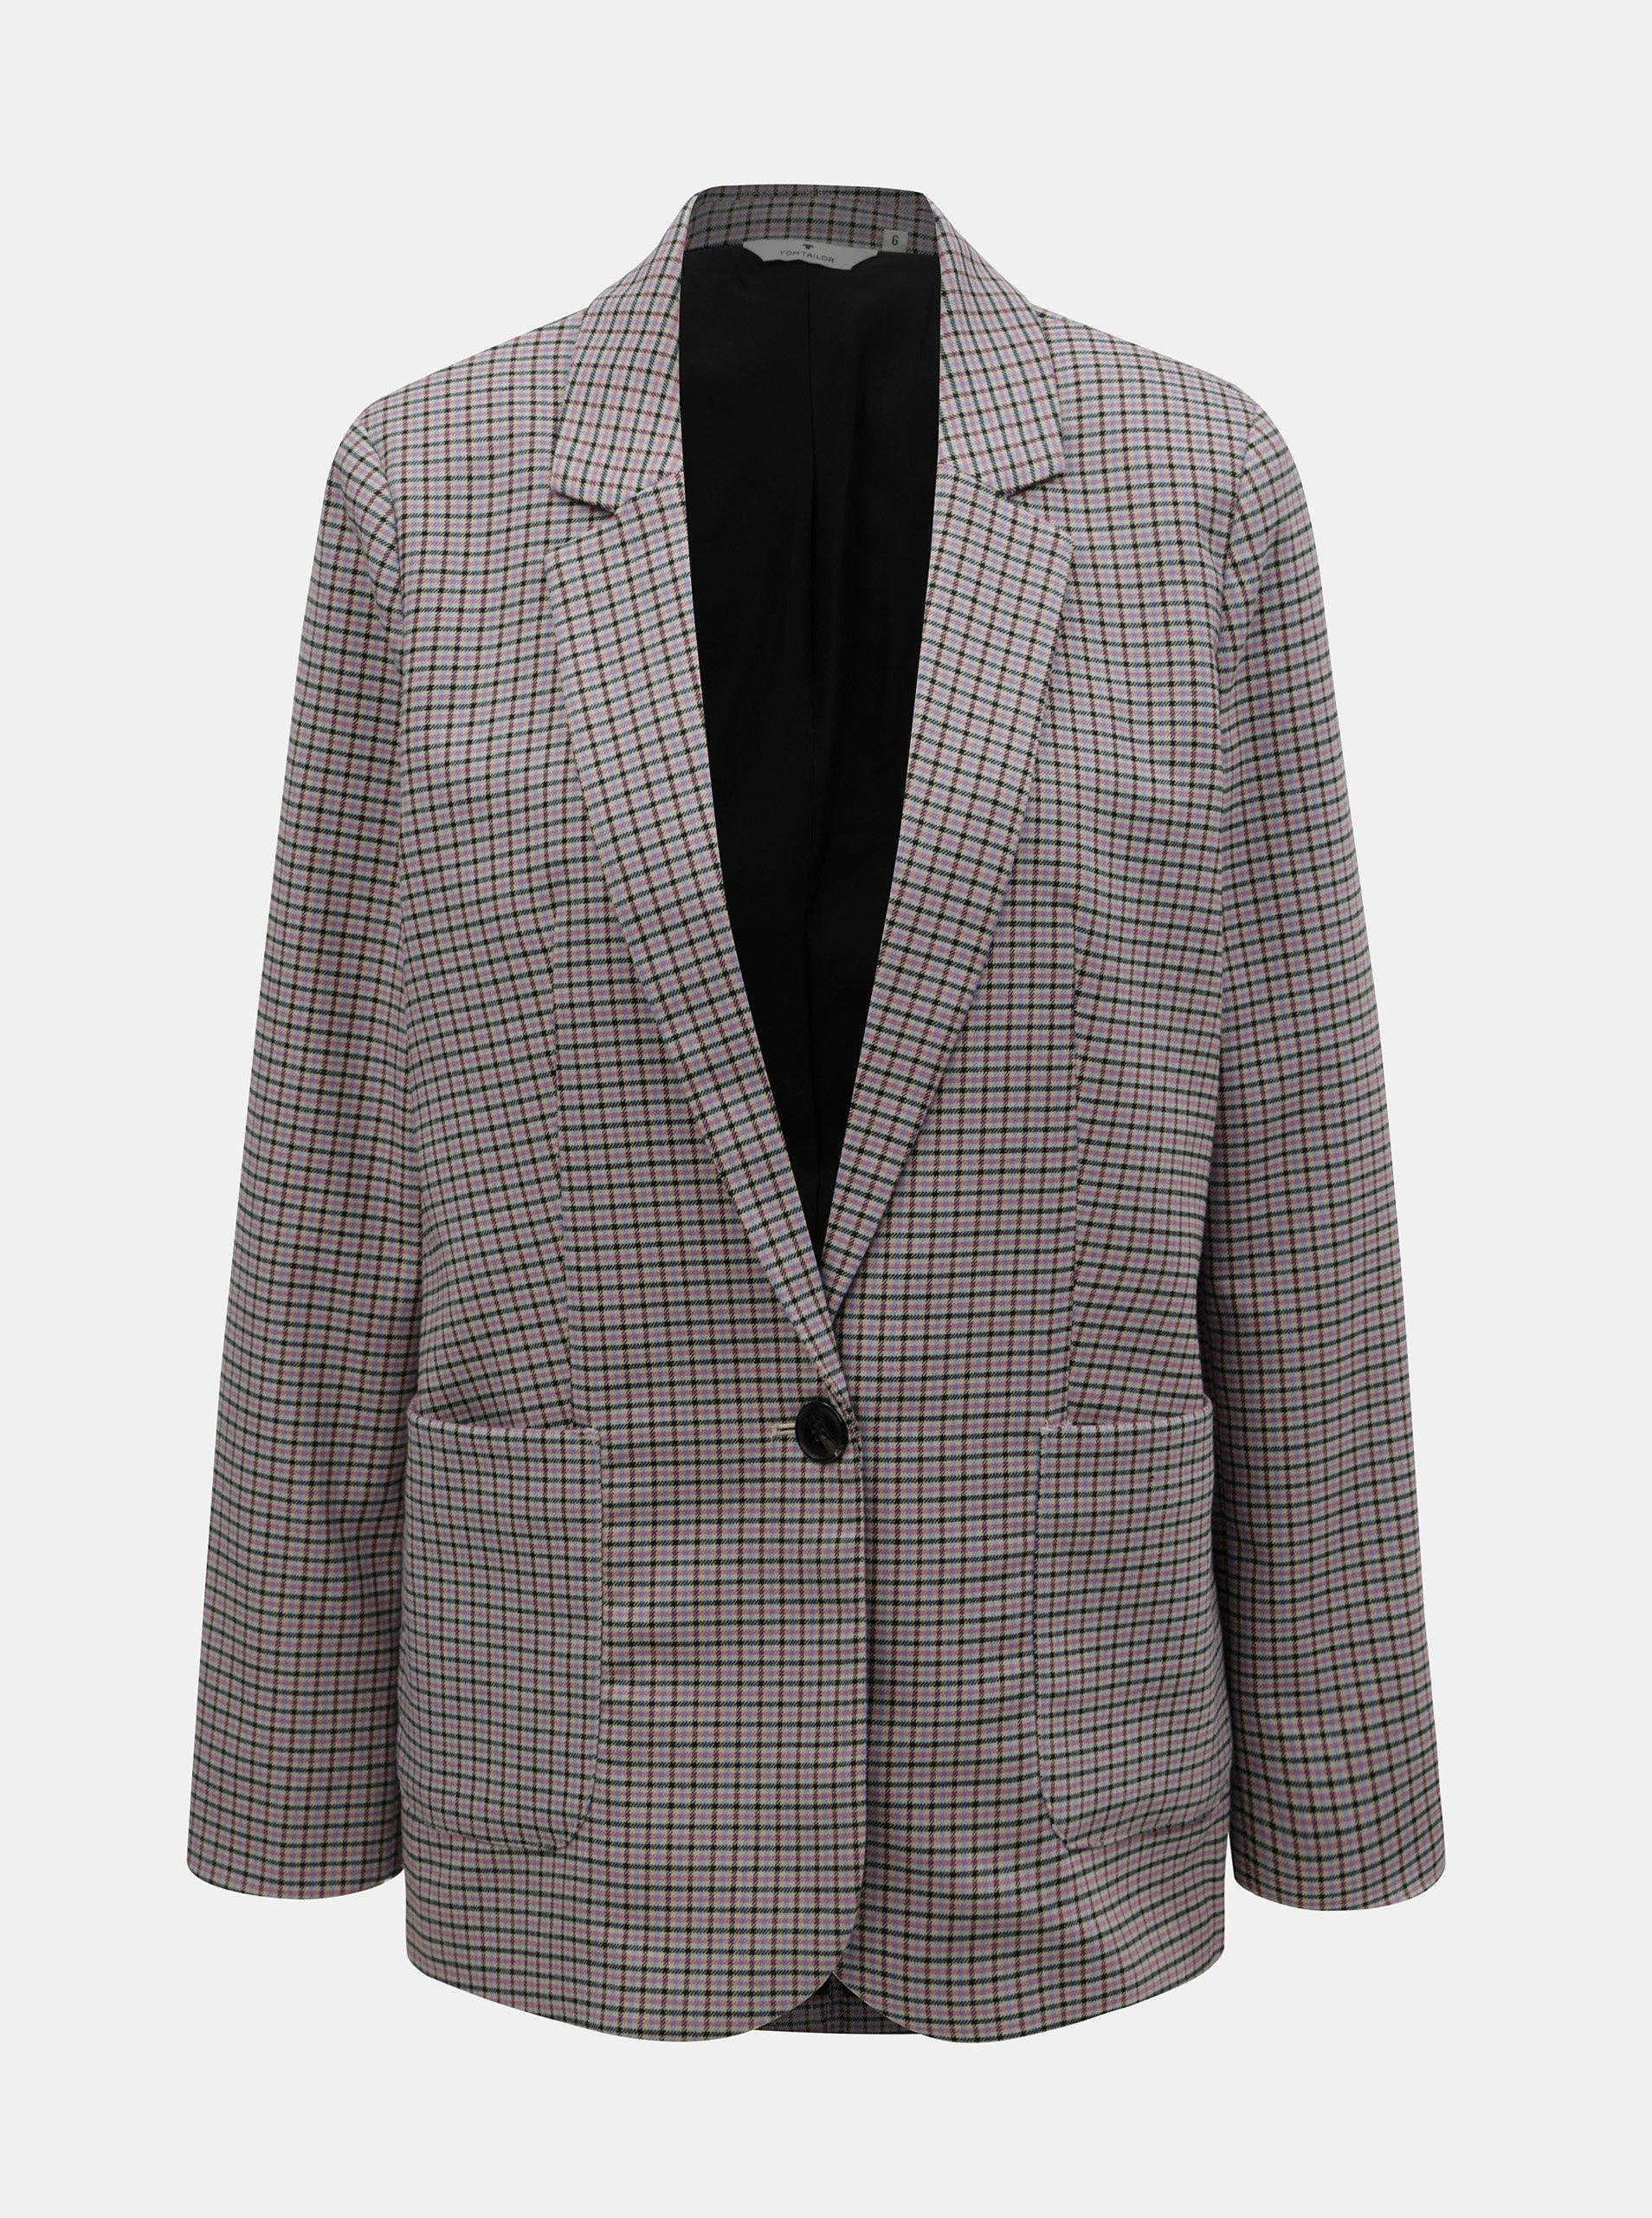 2bb3773f7a7b Ružovo–sivé dámske kockované sako Tom Tailor ...